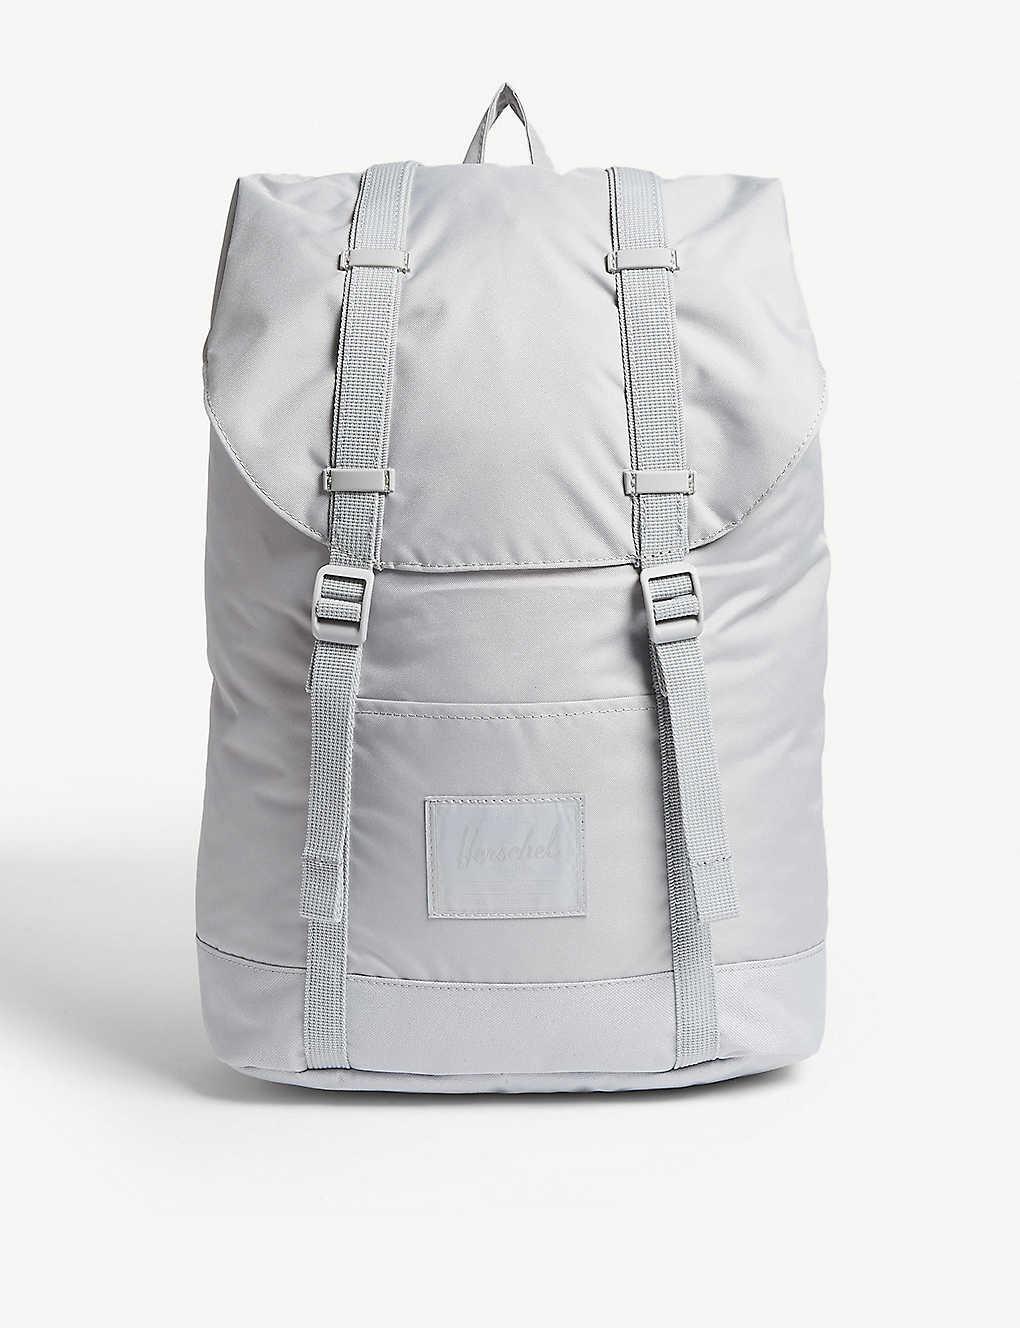 6cea9b8a0ee HERSCHEL SUPPLY CO - Retreat Light canvas backpack | Selfridges.com